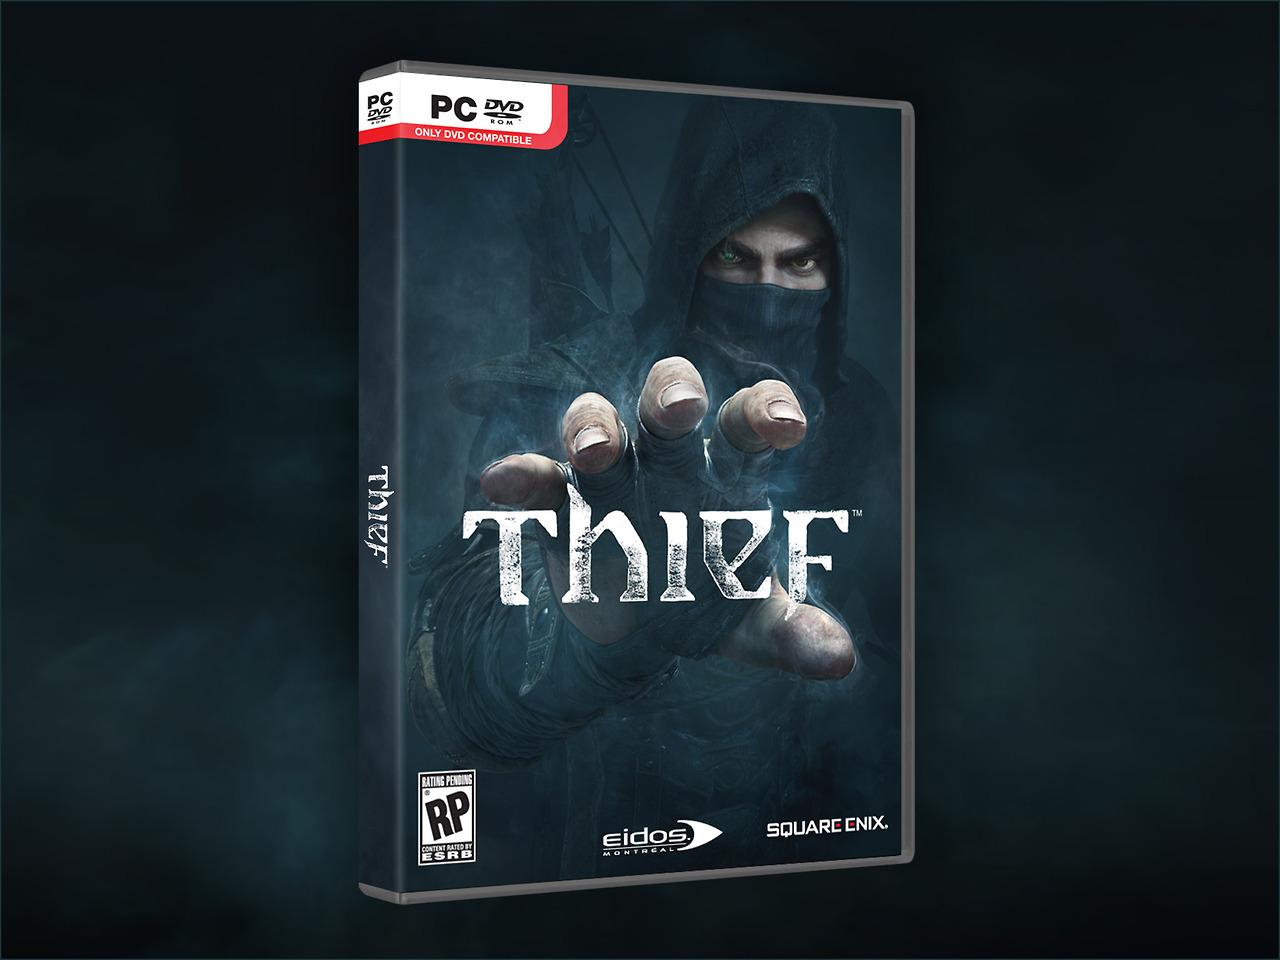 thief boxart pc باکس آرت رسمی بازی Thief منتشر شد